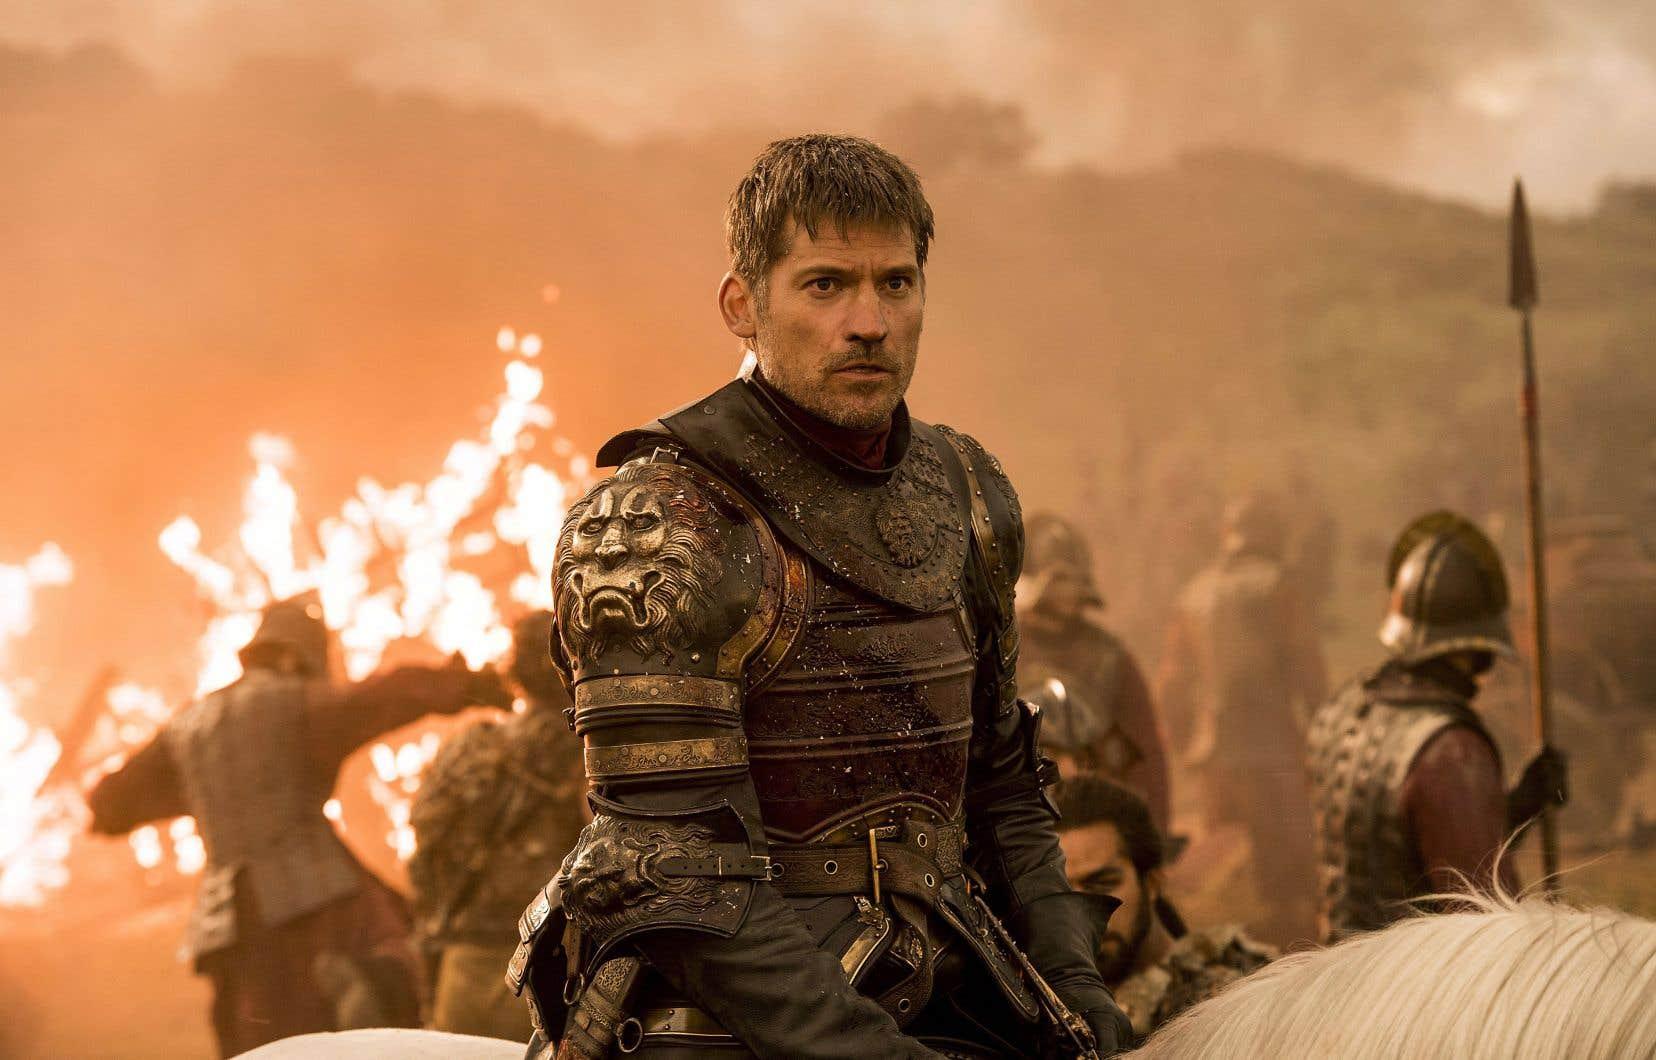 La série «Game of Thrones», qui ne s'était pas qualifiée l'an dernier, est nommée 22 fois aux Emmys cette année.